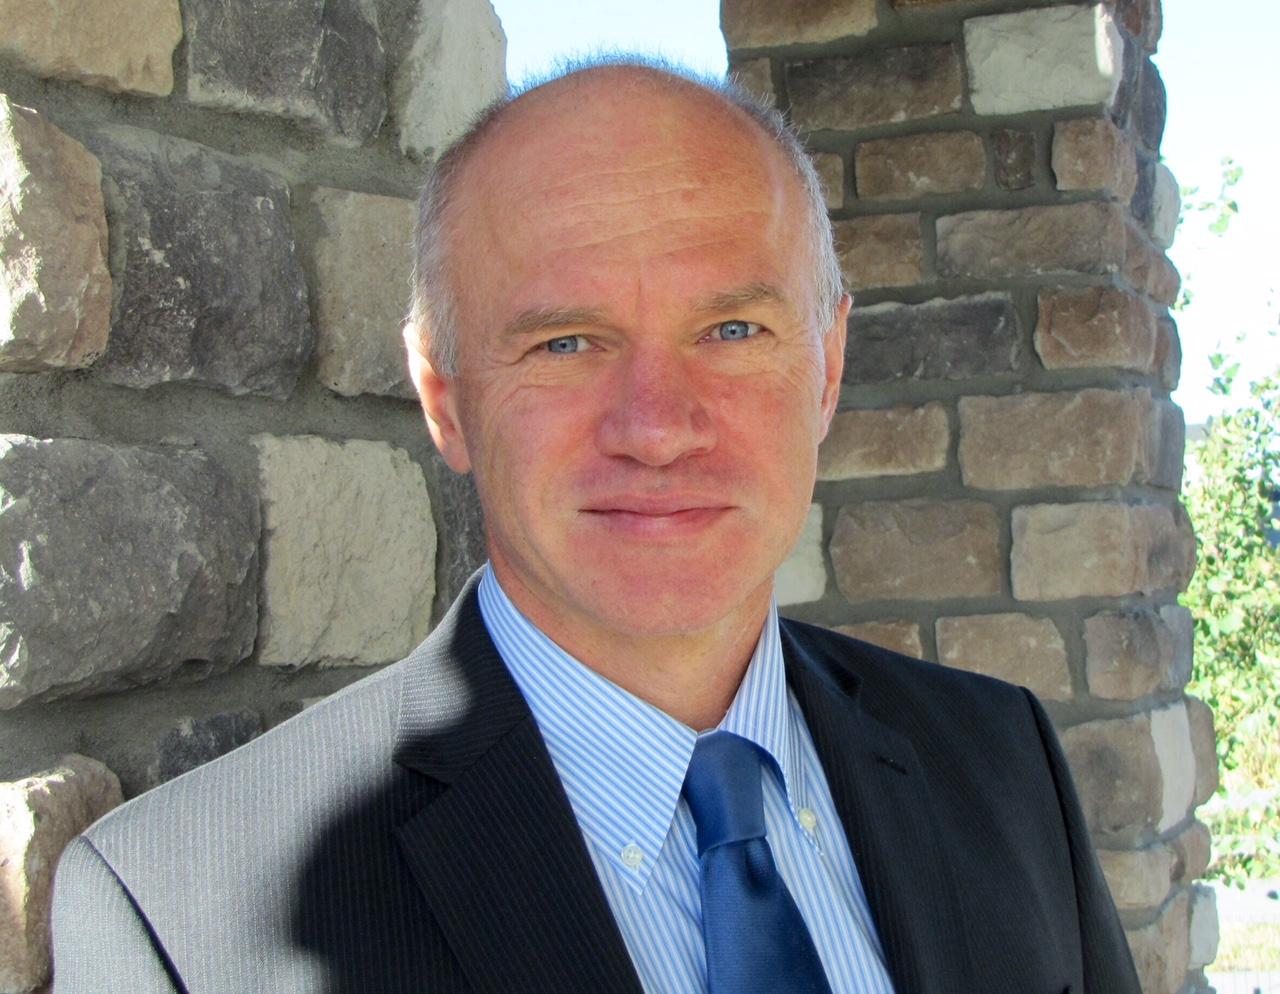 Michael Mendik